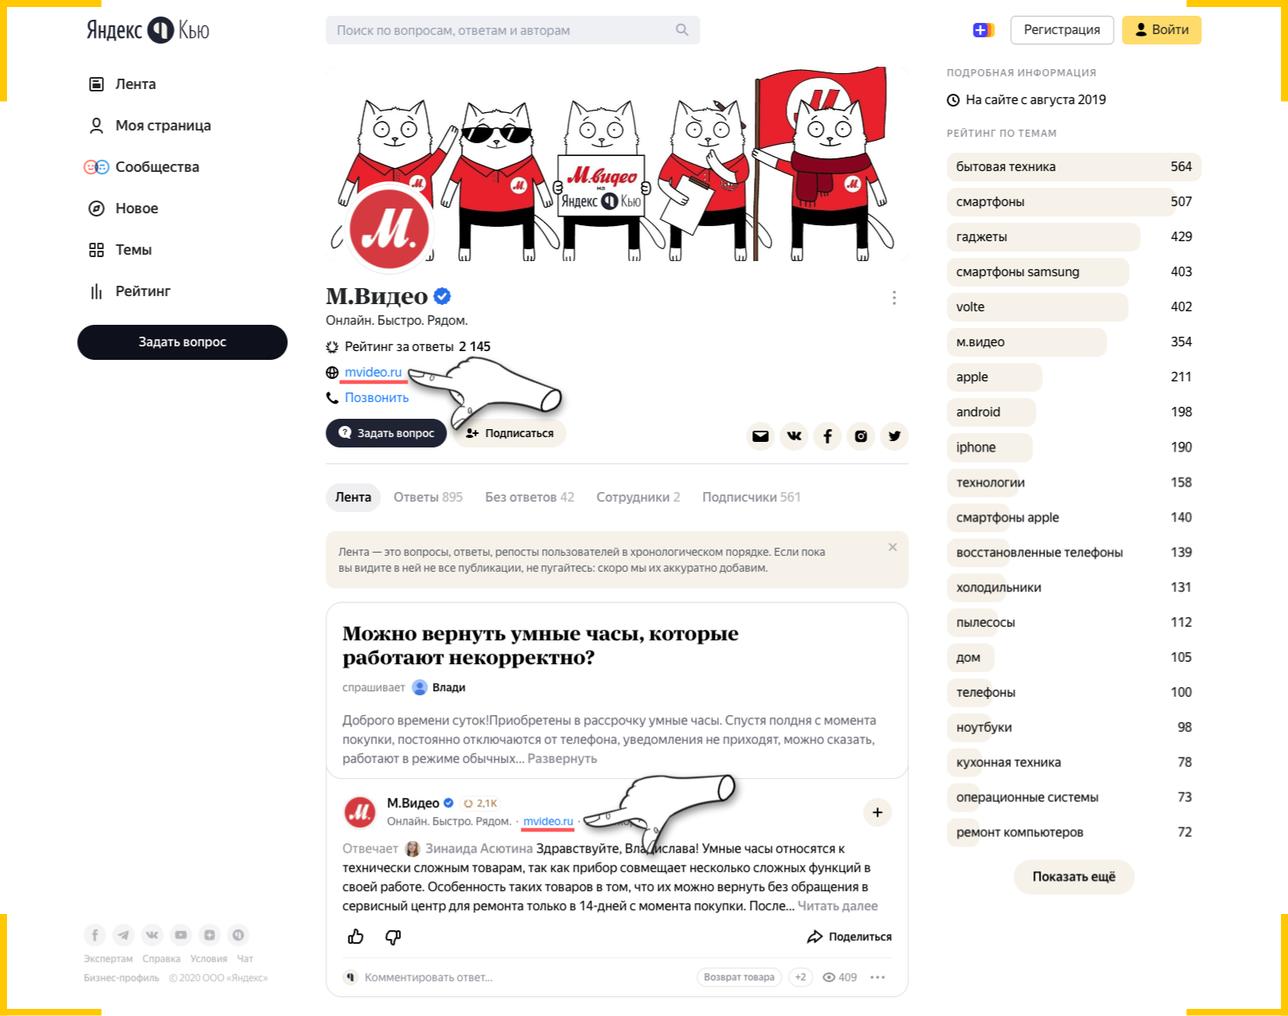 В каждом ответе от компании на Яндекс Кью есть ссылка на сайт. Отвечайте на вопросы, чтобы привлекать трафик